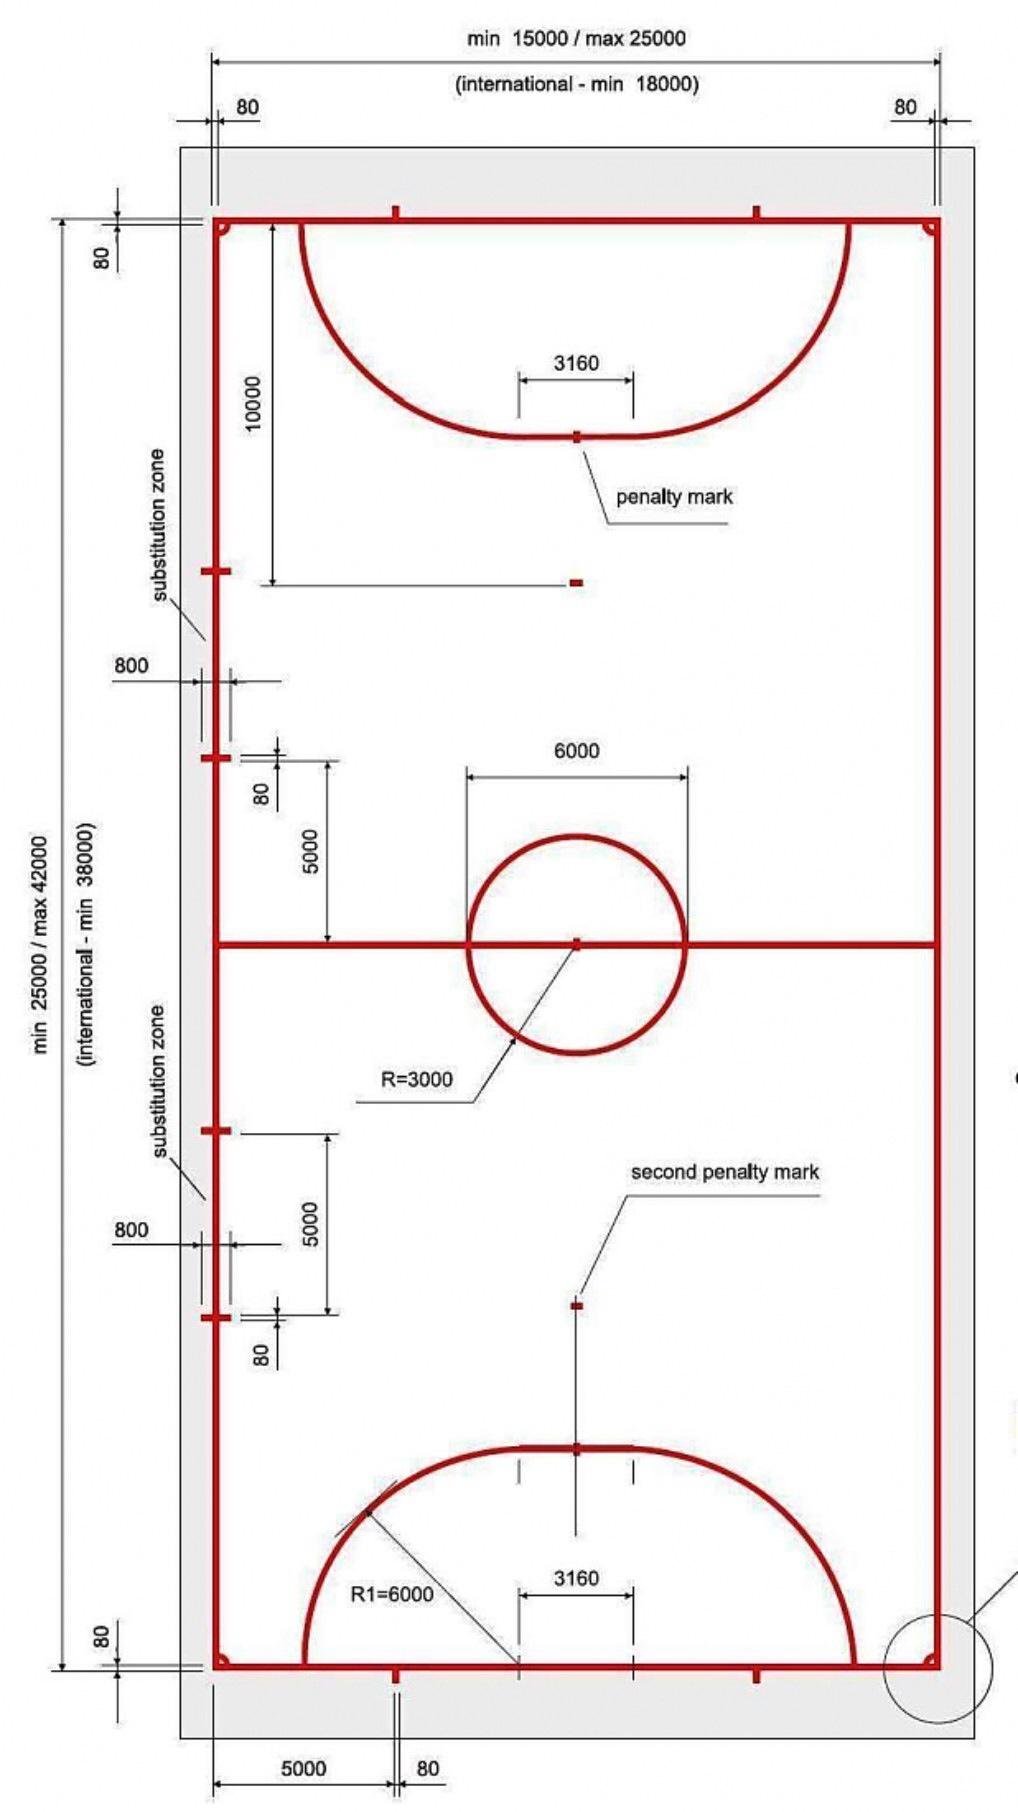 Мини-футбол схемы стандартов